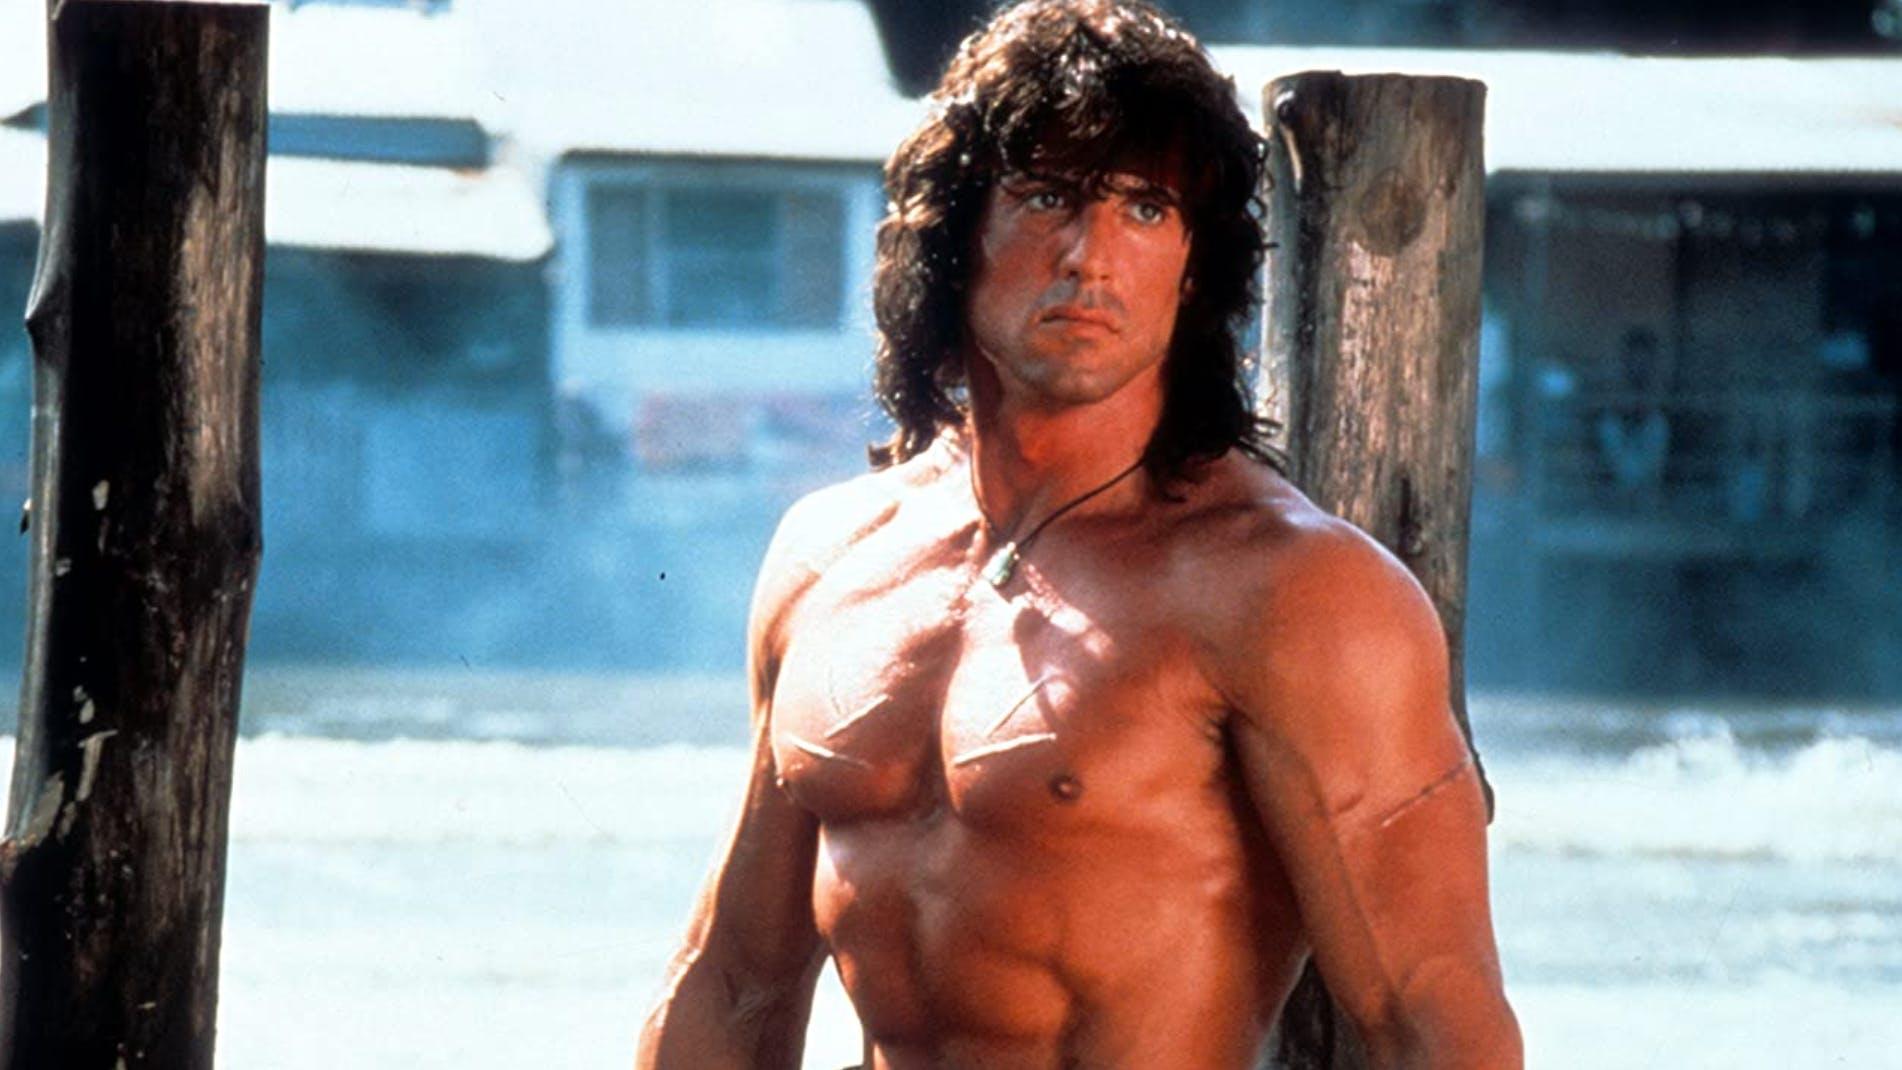 «Rambo III» (1988): Das wahrscheinlich beste Filmzitat aller Zeiten kommt aus dem dritten Film um John Rambo. Der Veteran nimmt dabei ein Knicklicht hervor und wird gefragt, was das sei: «Das ist blaues Licht» – «Und was macht es?» – «Es leuchtet blau.»